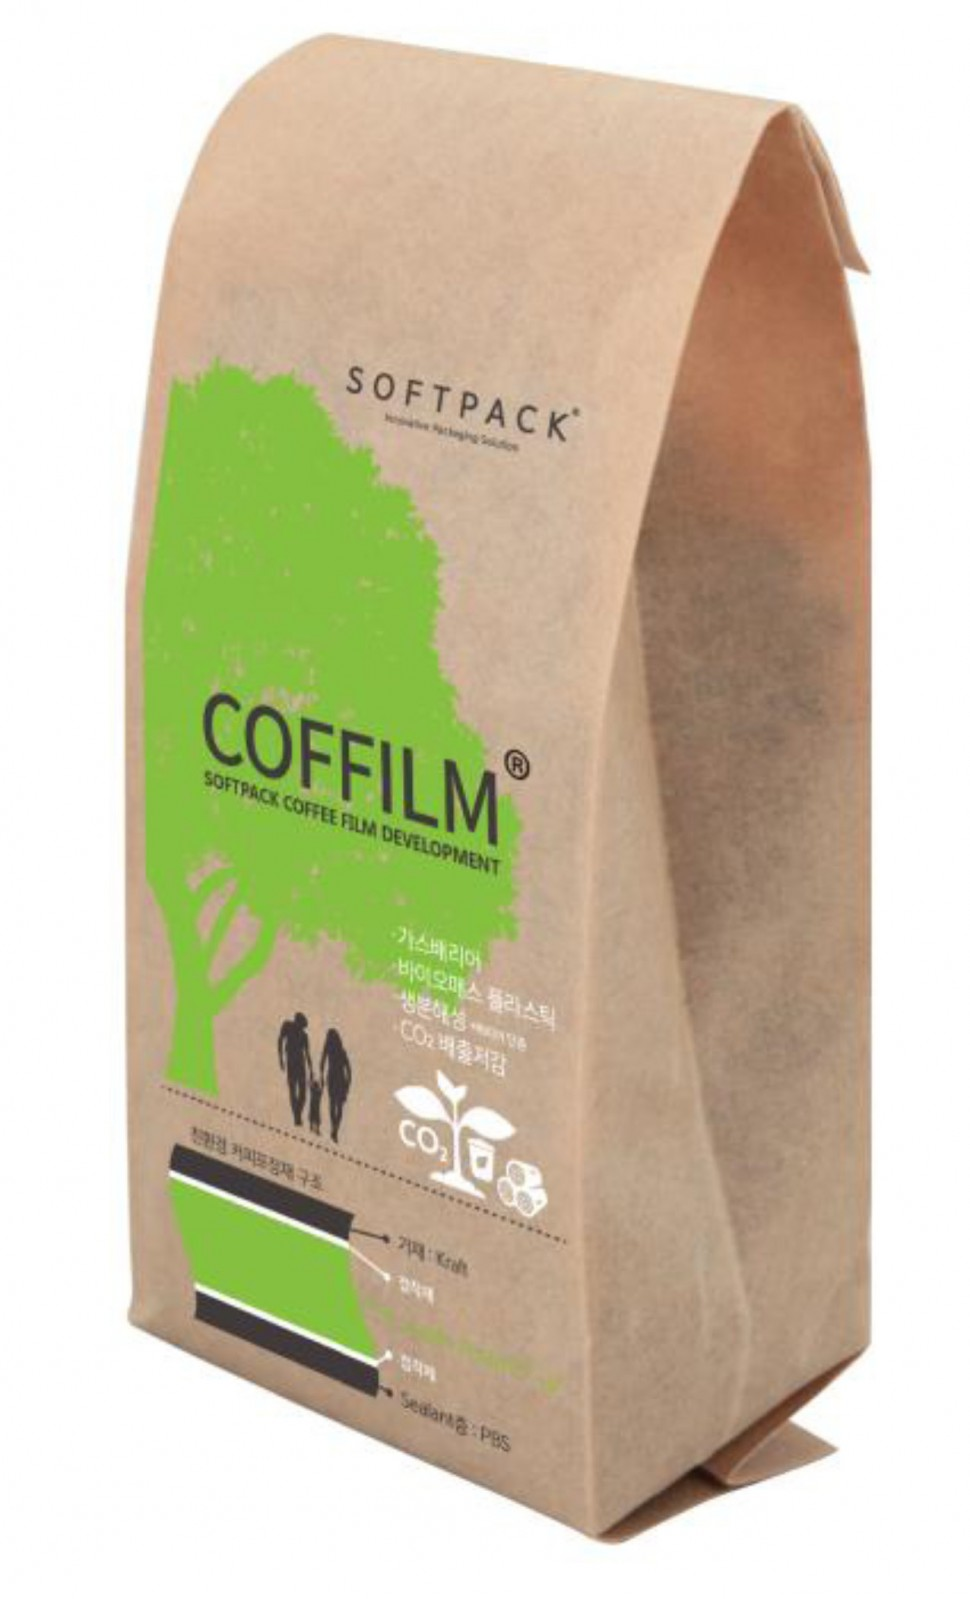 プランティックを使用したコーヒー豆パッケージ